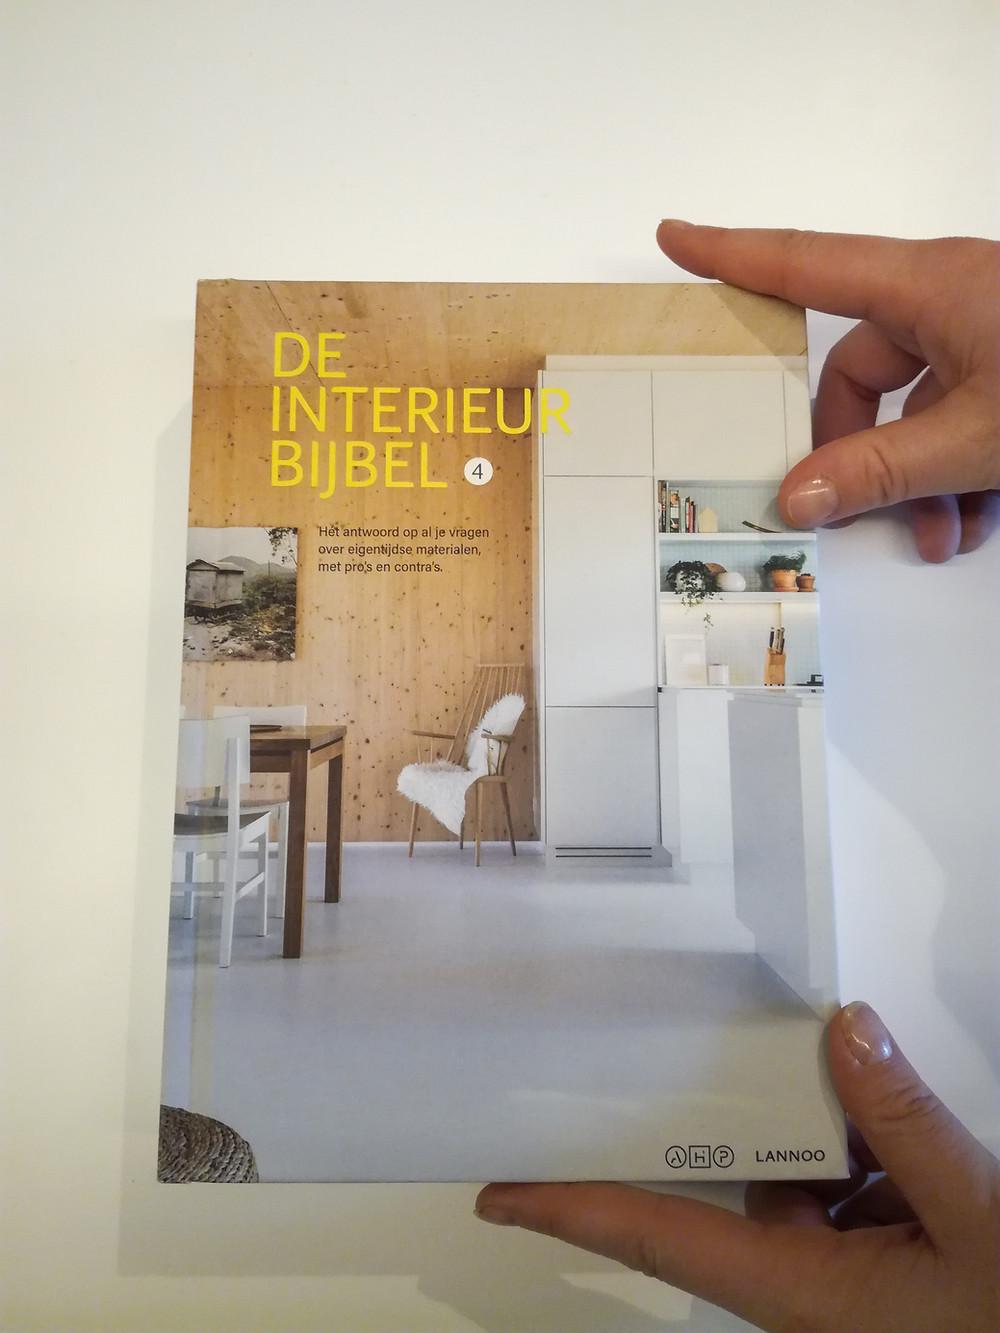 Publicatie IT-archITecten in DE INTERIEURBIJBEL 4 van LANNOO